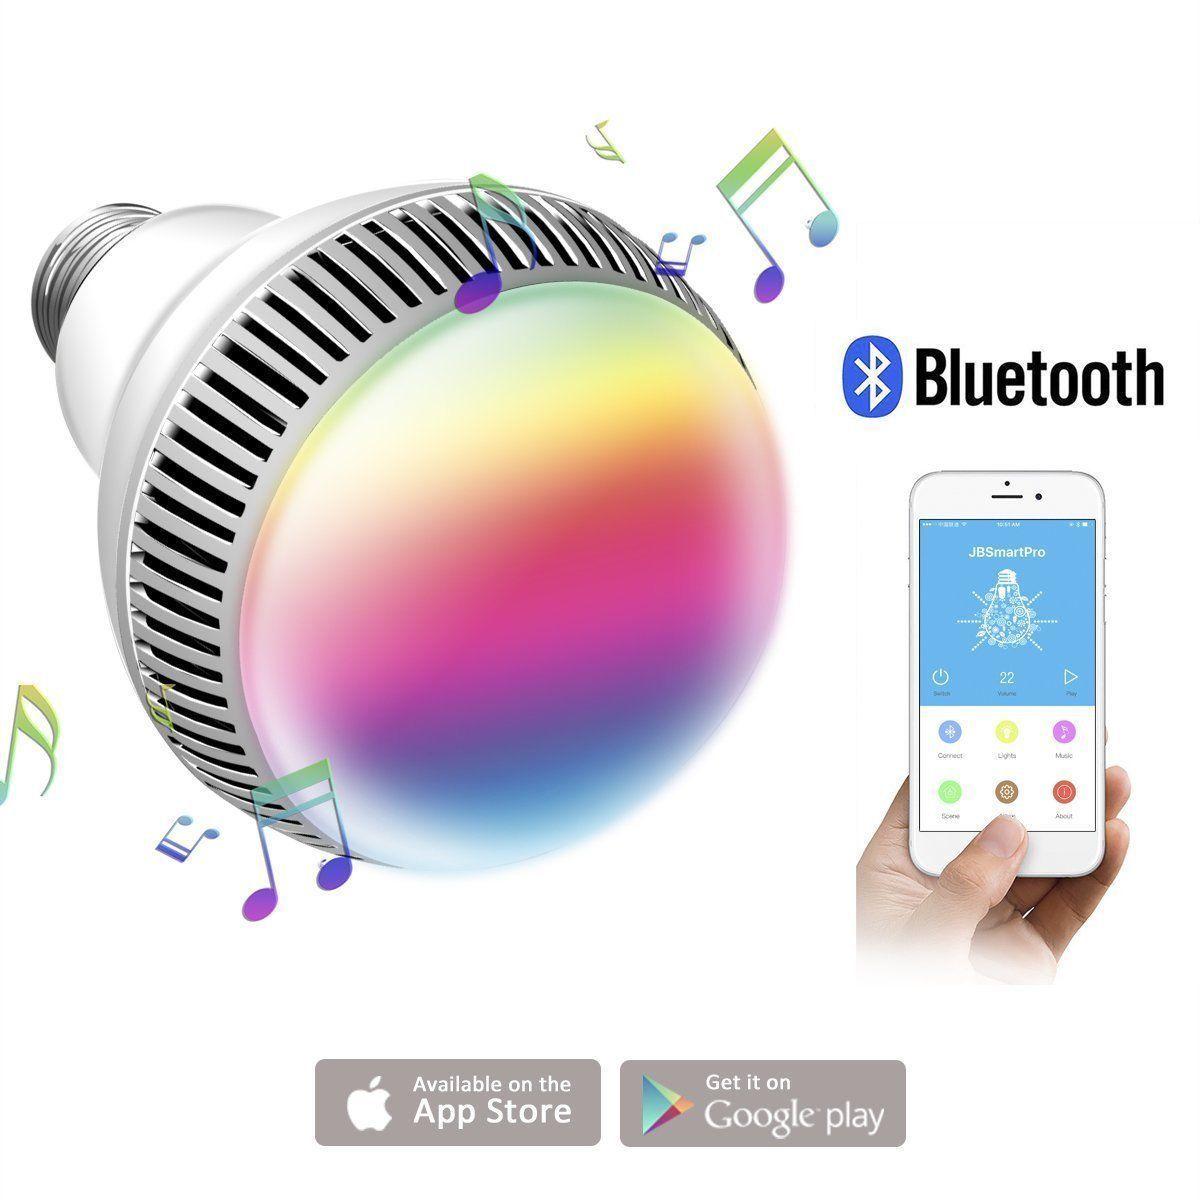 E27 Inteligente RGB Lâmpada Dimmable Lâmpada LED Sem Fio Bluetooth 4.0 Alto-falantes De Áudio Música Lâmpada Luz Mudando A Cor Via WiFi App controle